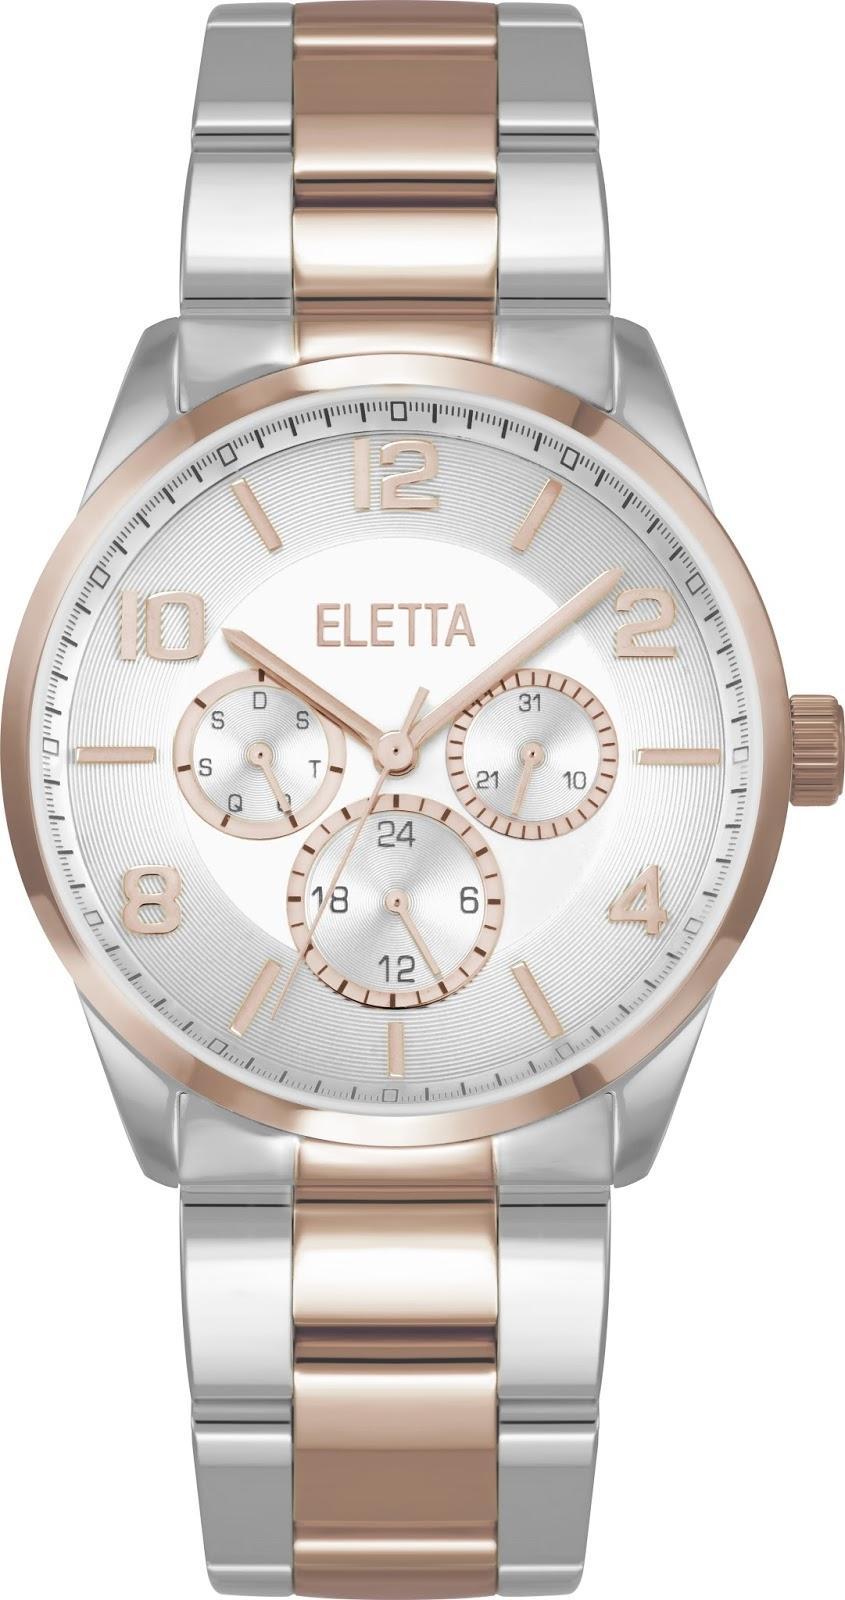 91b4572cdb0 Estação Cronográfica  Chegado(s) ao mercado - relógios Eletta